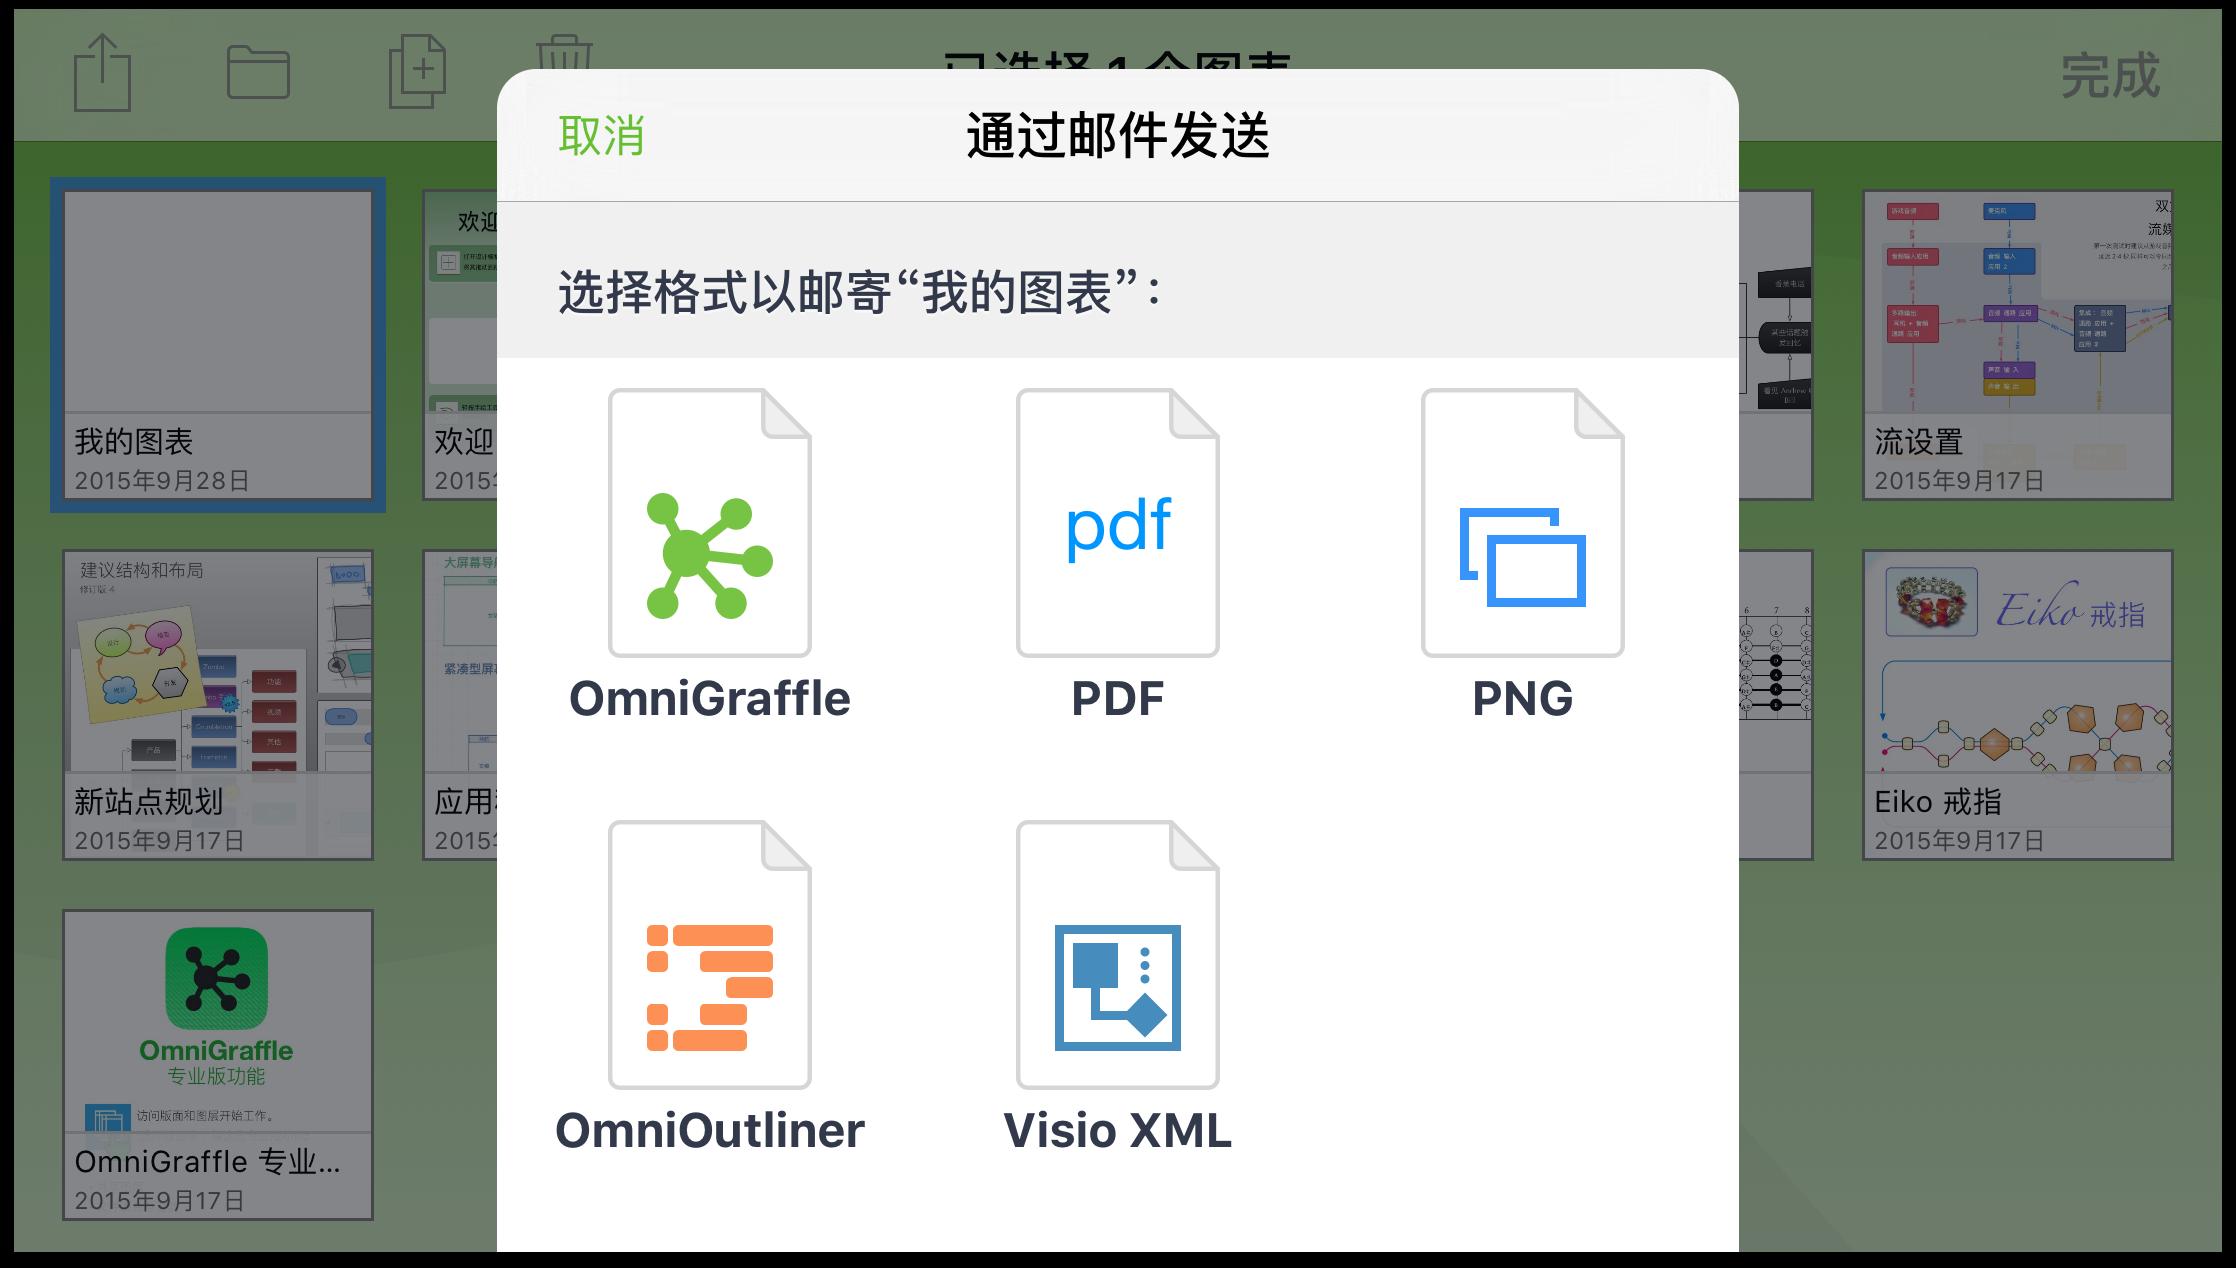 选择要作为电子邮件附件发送的文稿格式。